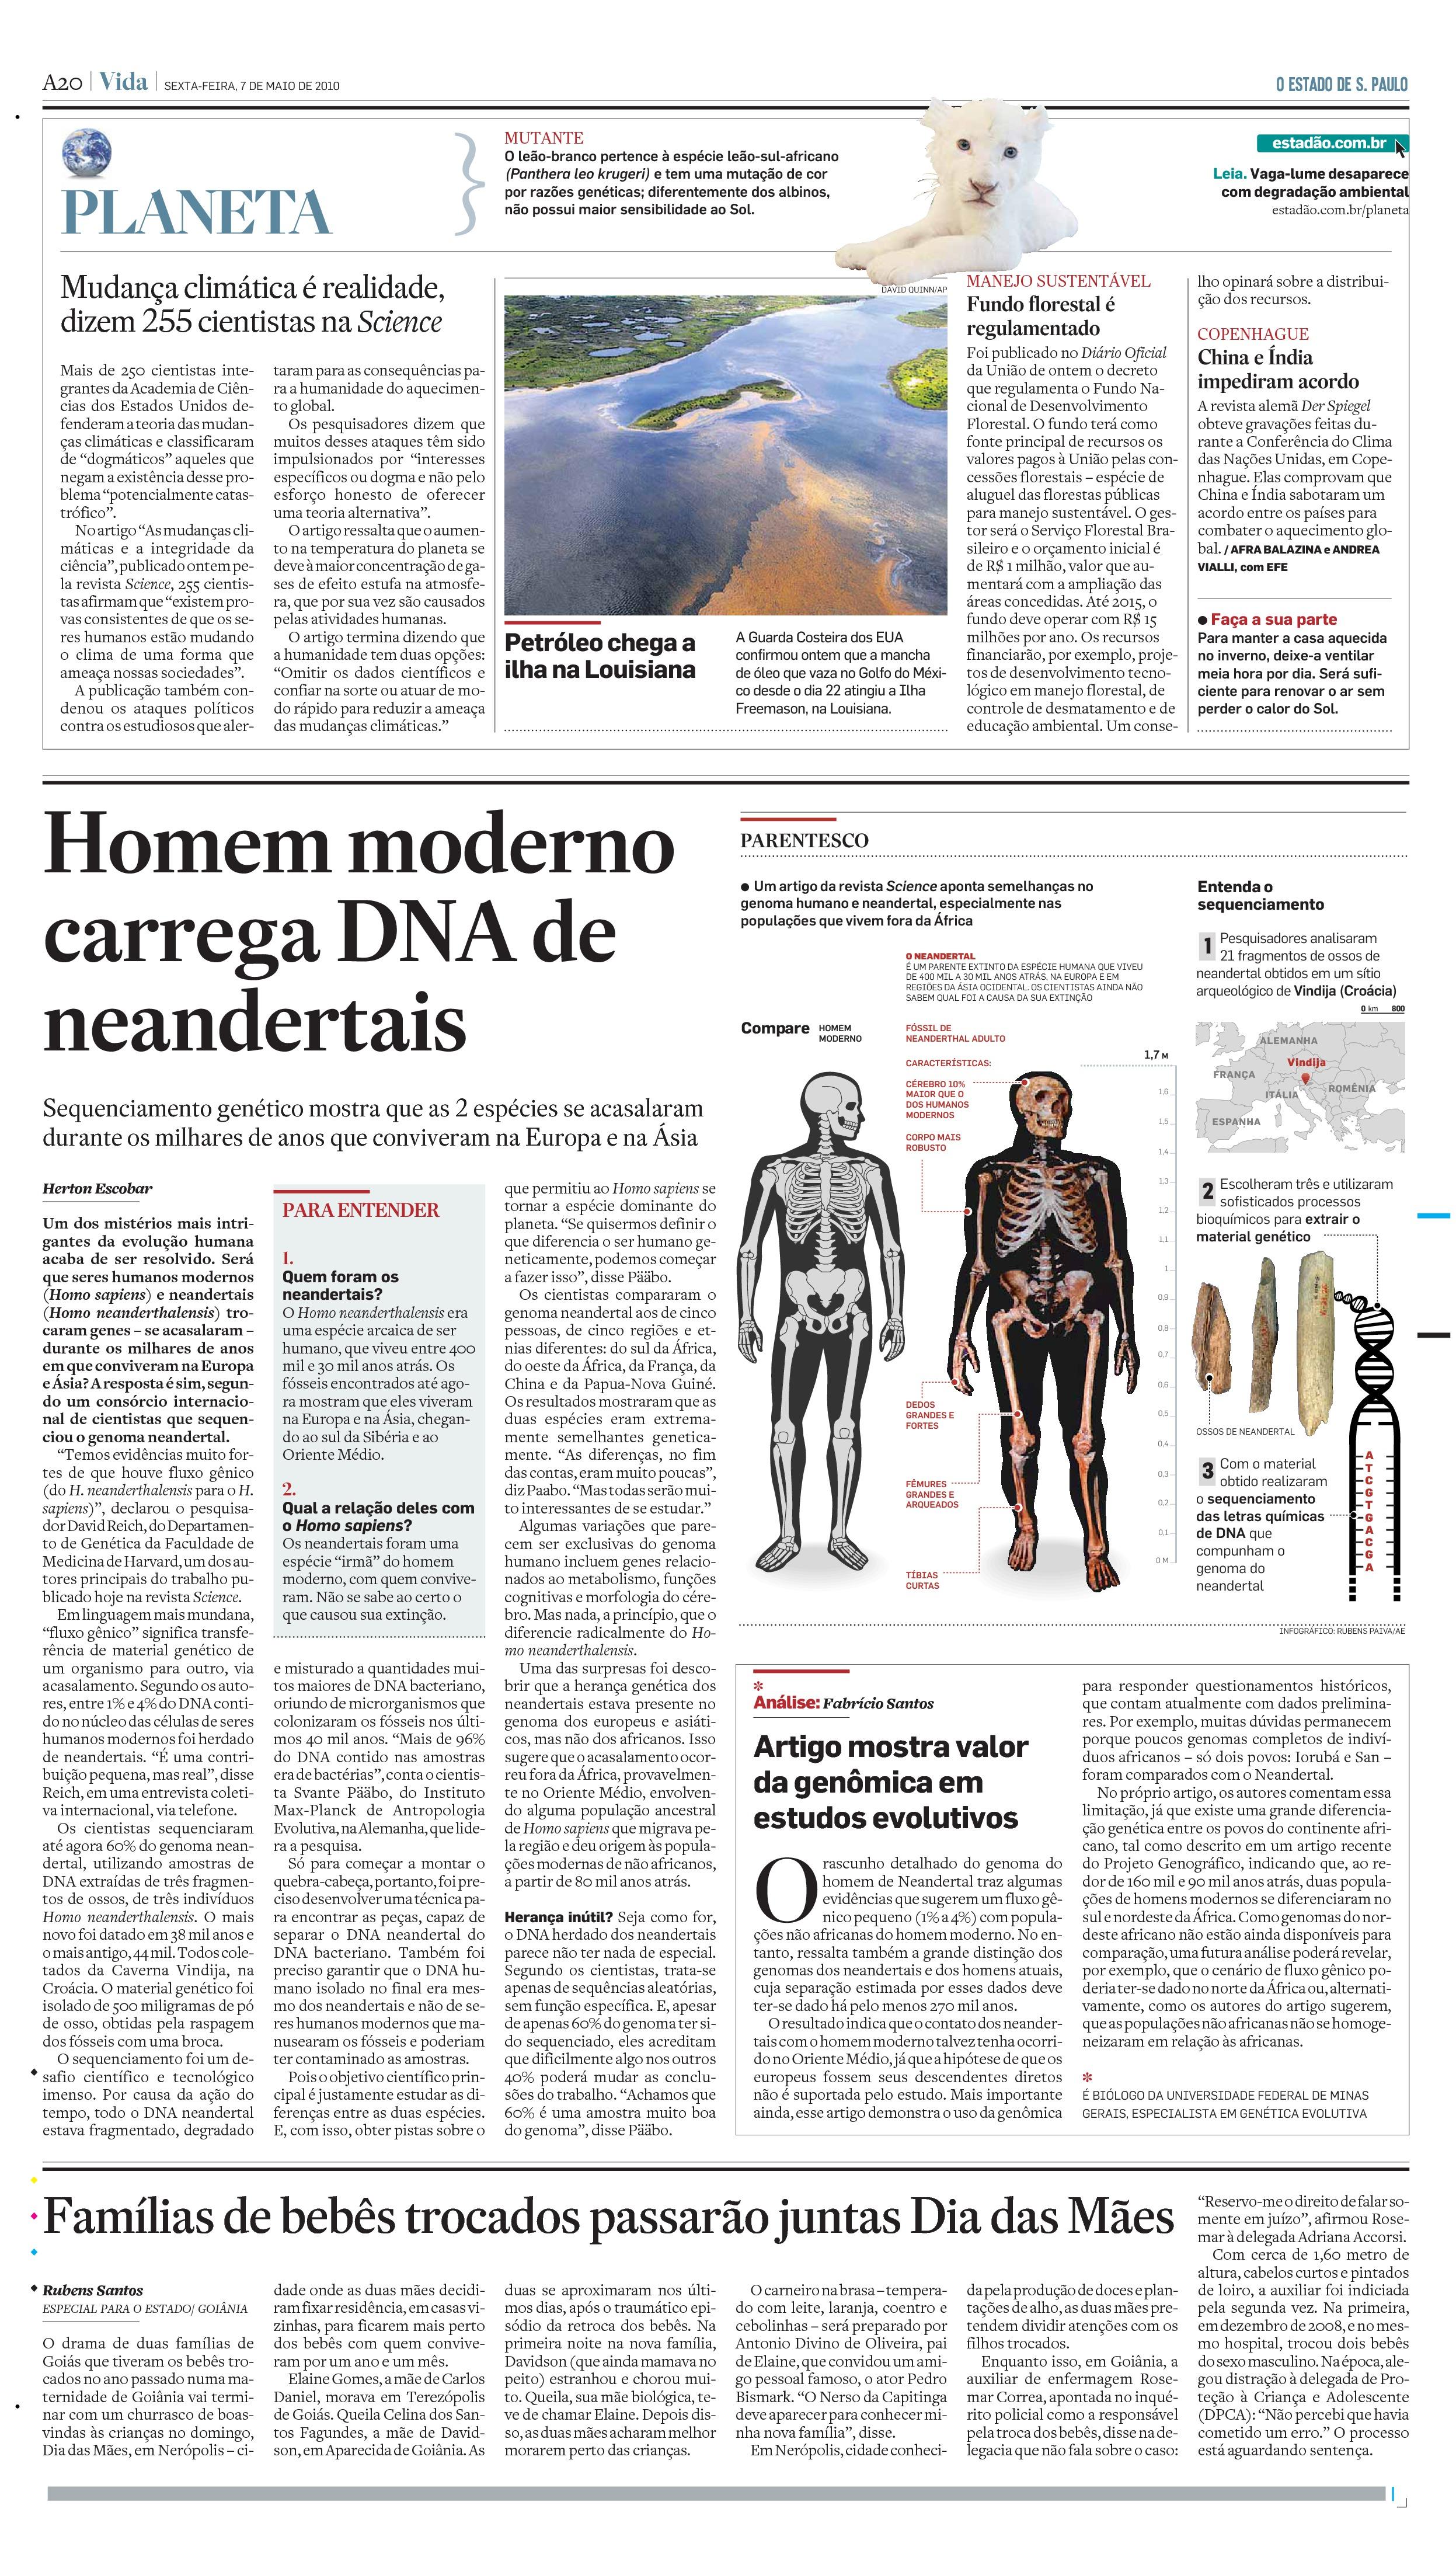 Homem moderno carrega DNA de neandertais